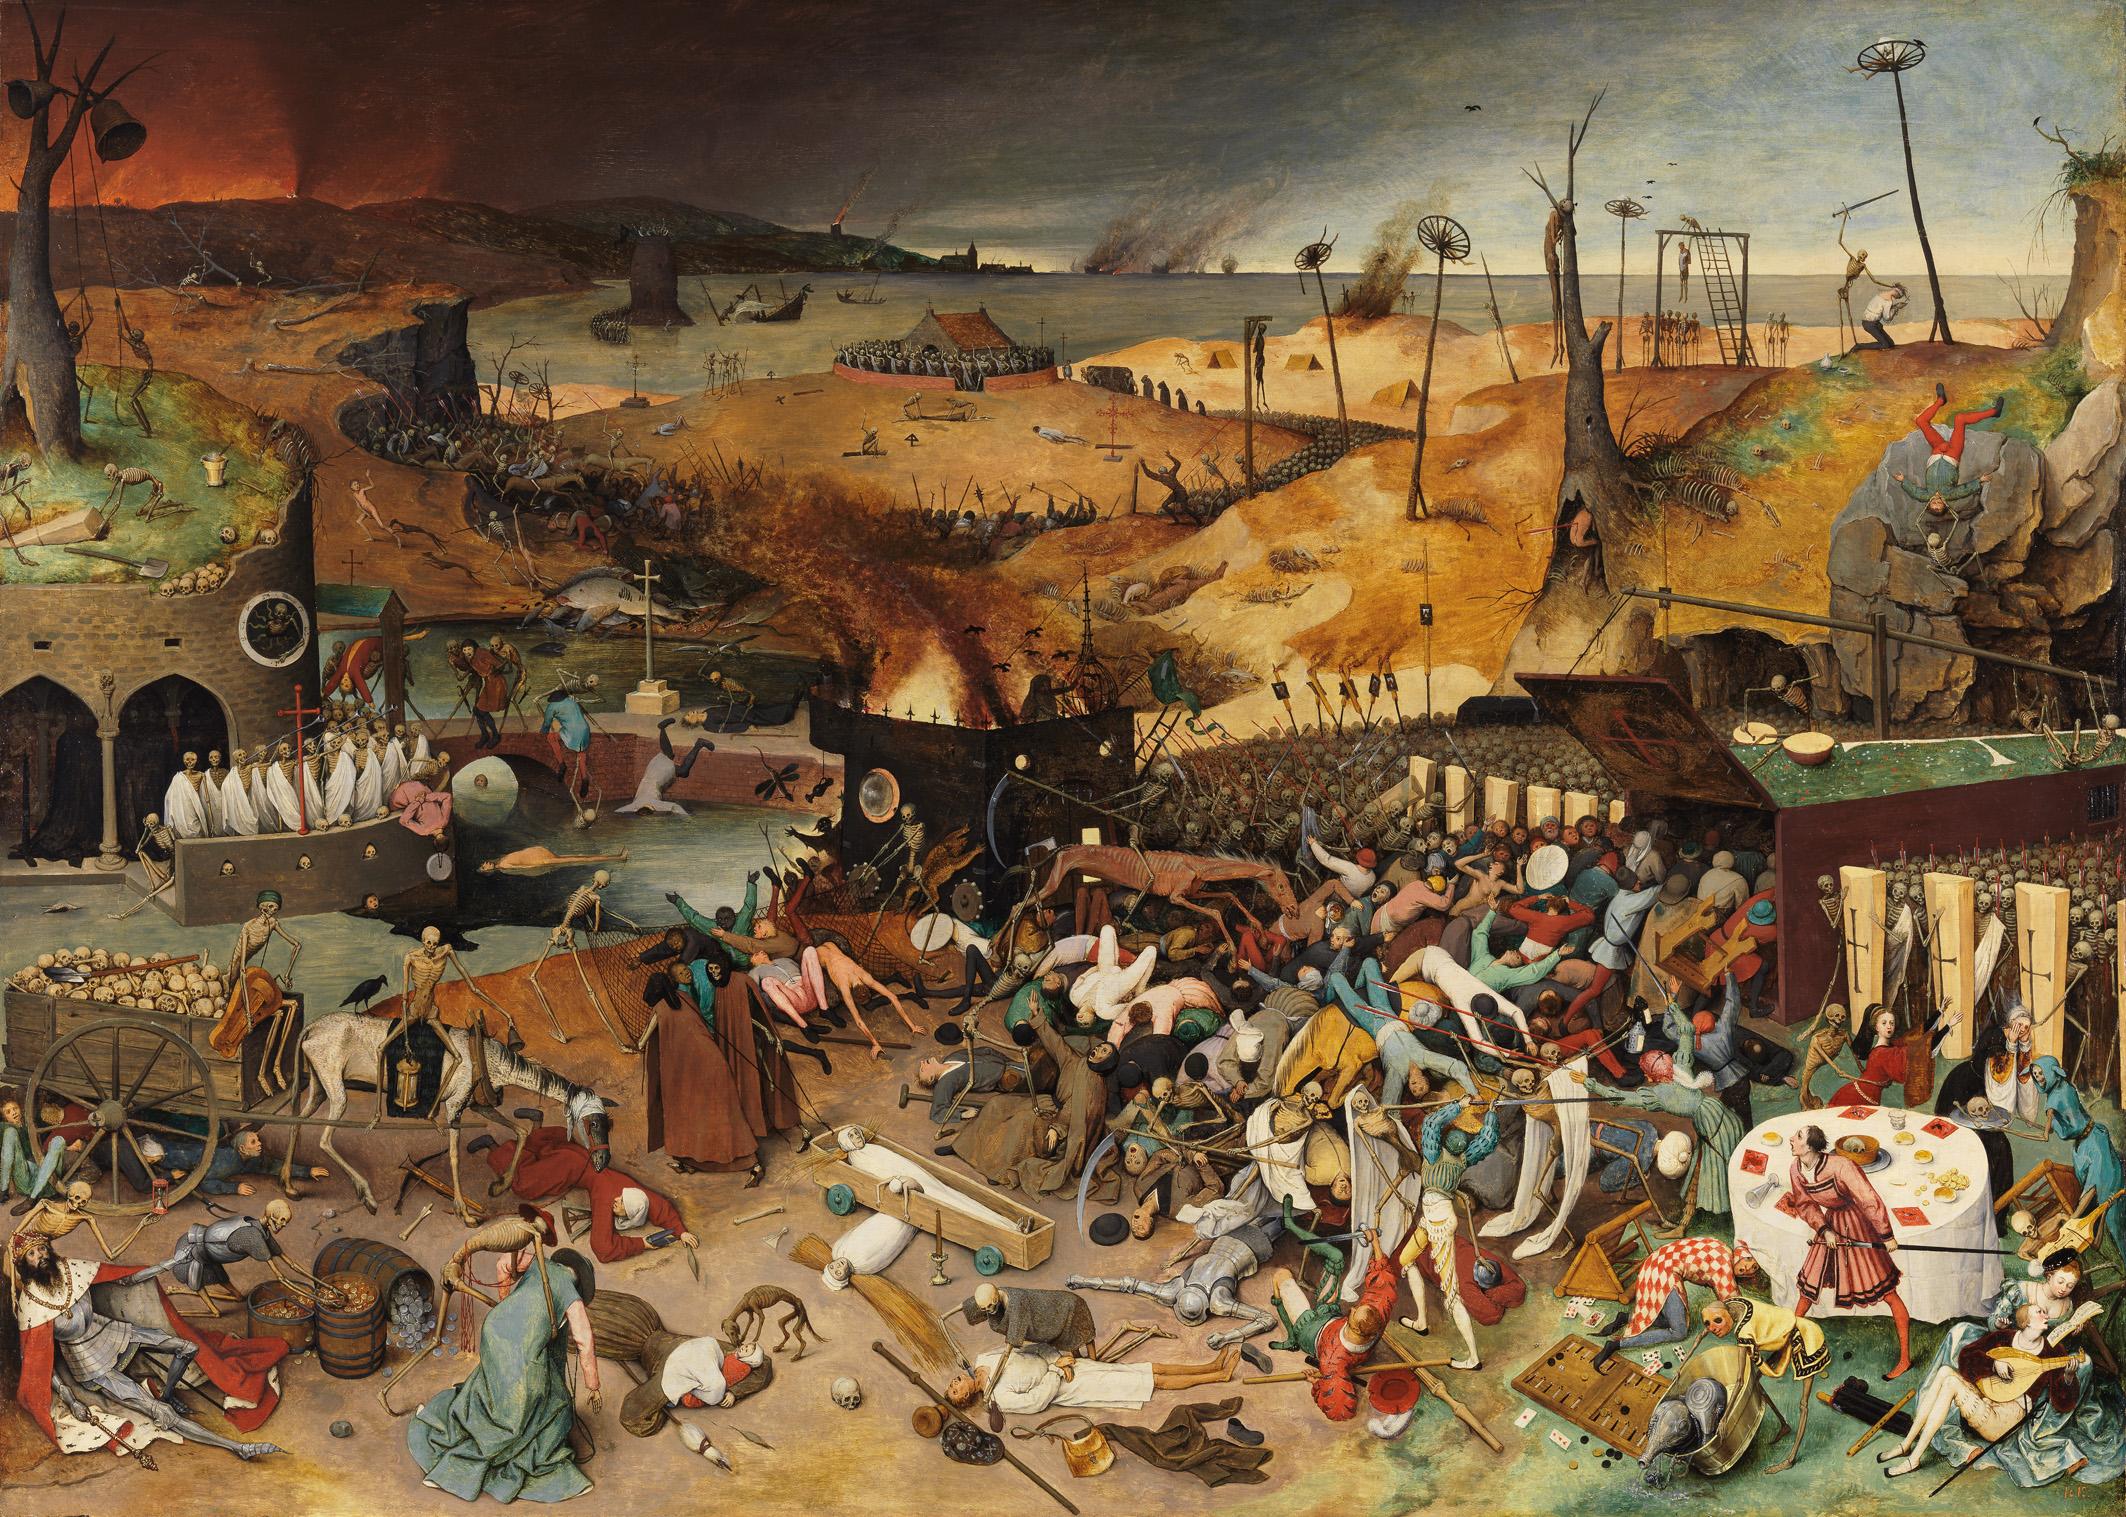 Атмосферный обзор A Plague Tale: Innocence (+Хроника чумы) . - Изображение 3